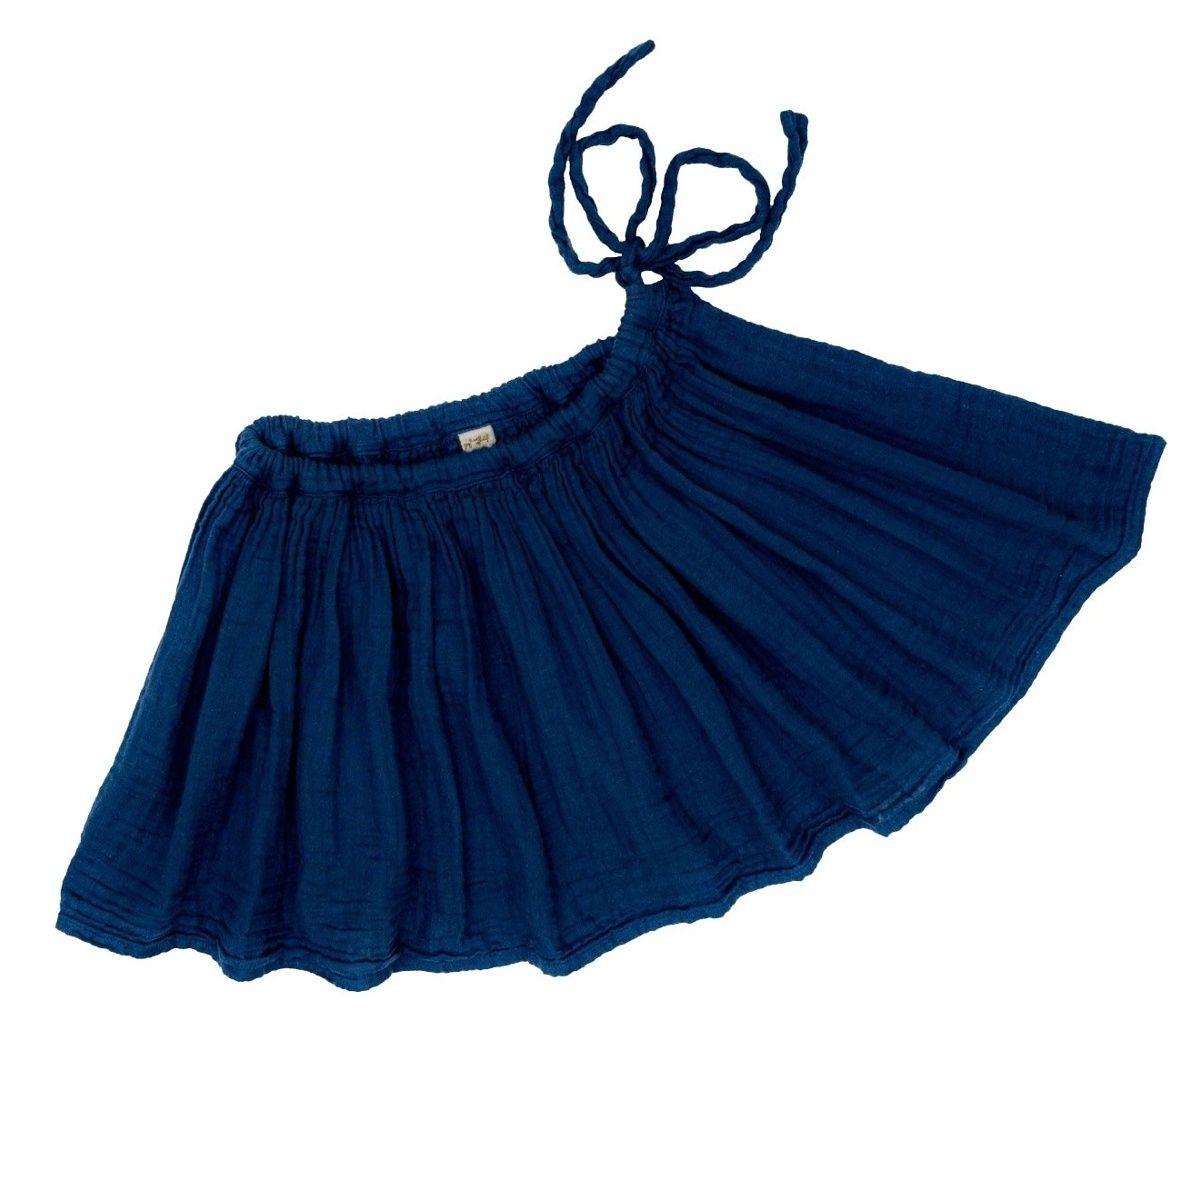 Numero 74 Spódnica dla nastolatek Tutu ciemnoniebieska